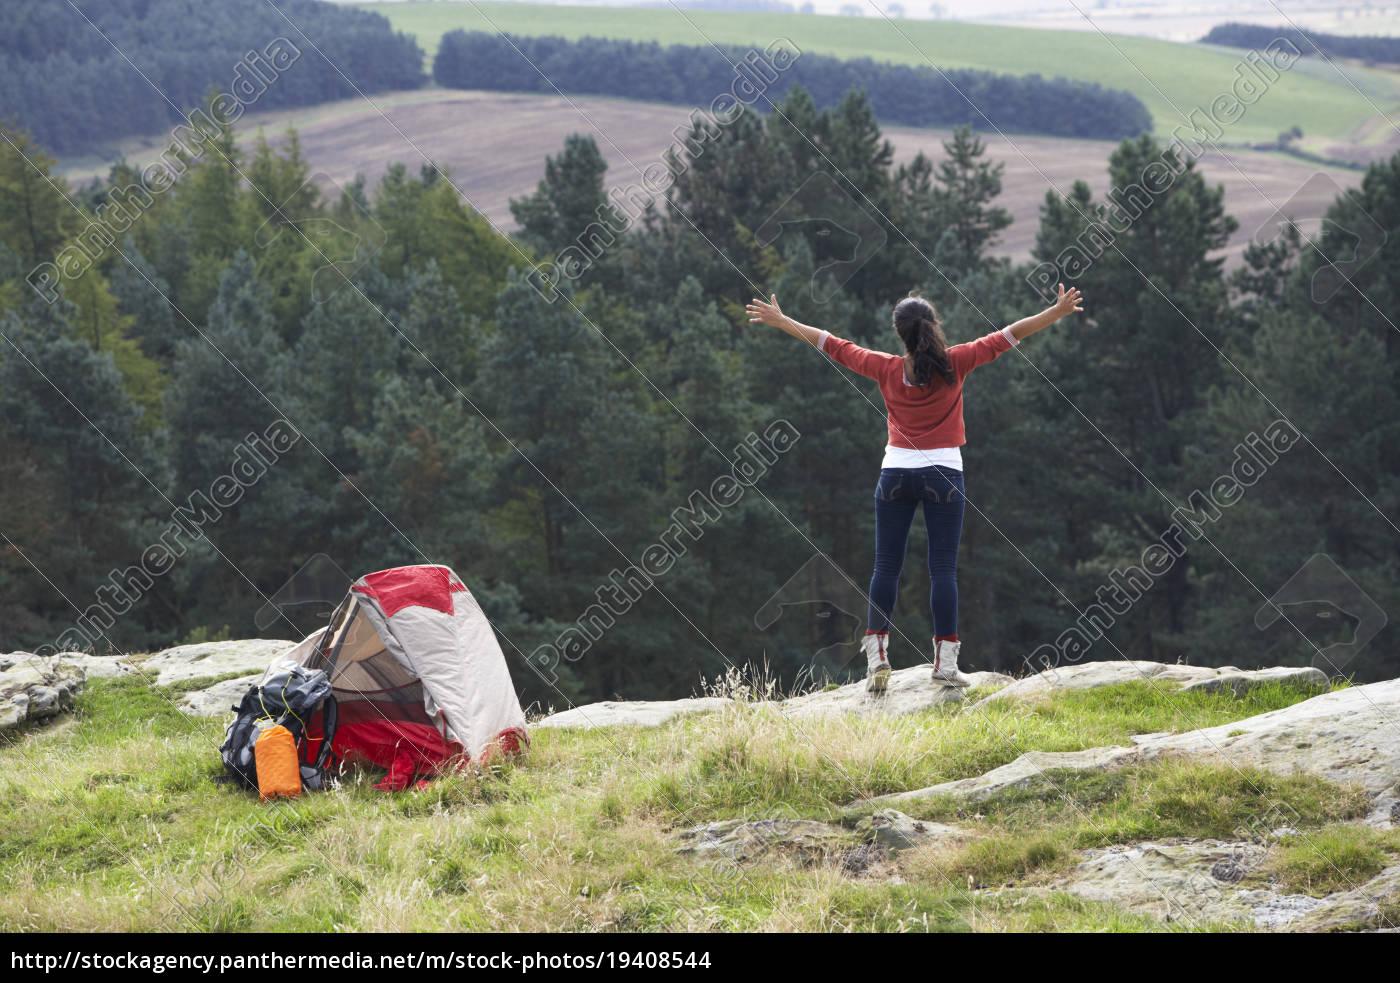 teenage, girl, on, camping, trip, in - 19408544